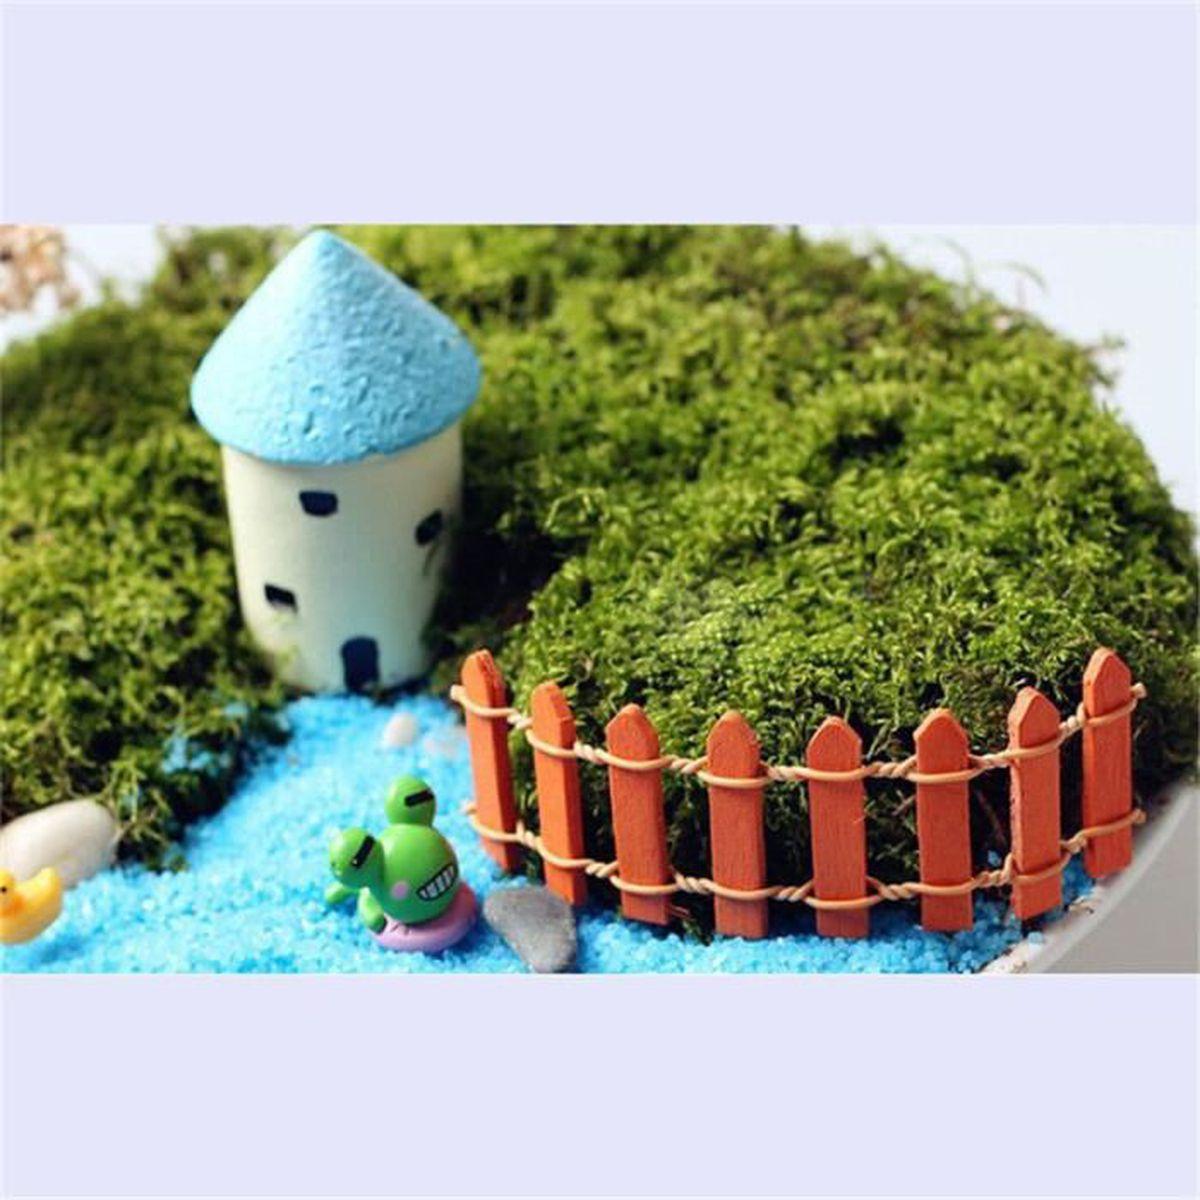 10 x en bois cl ture f e jardin miniature paysage mini for Accessoires decoratifs maison